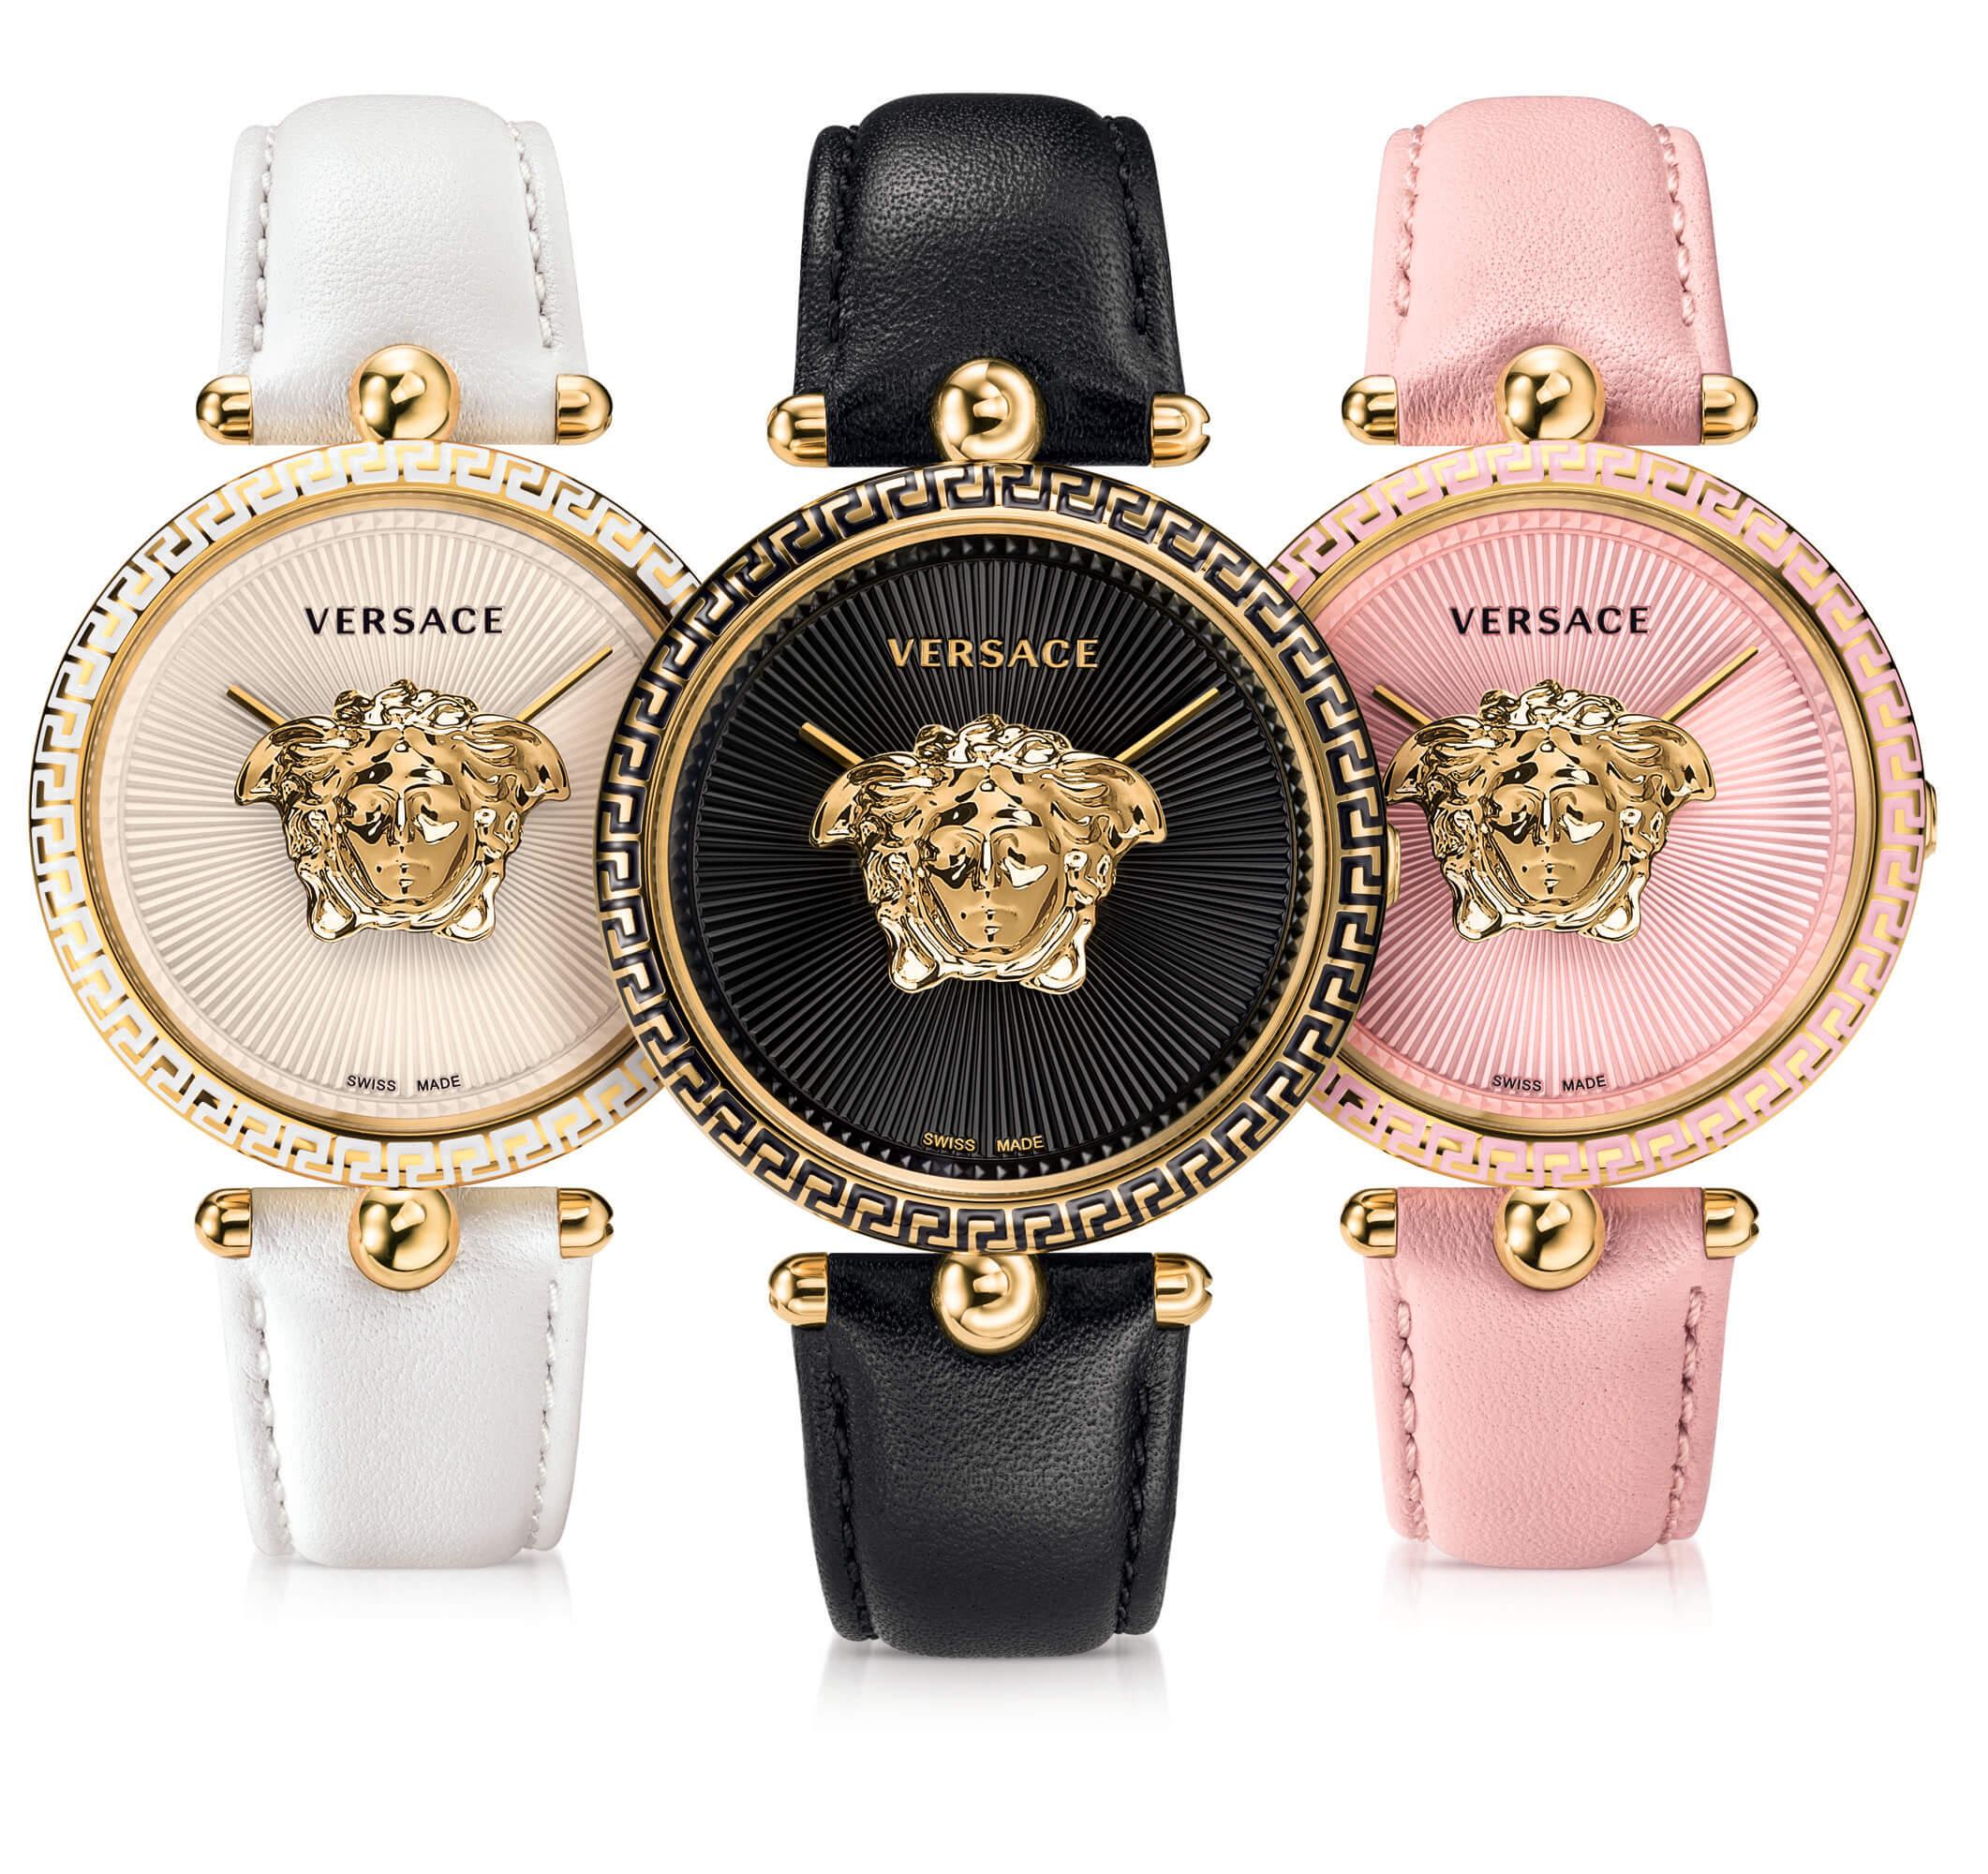 601973fdb9e5 El nuevo reloj Versace Palazzo Empire ha sido recientemente presentado. Y  es sobre todo muy femenino. Un modelo lujoso intrínseco a la marca Versace.